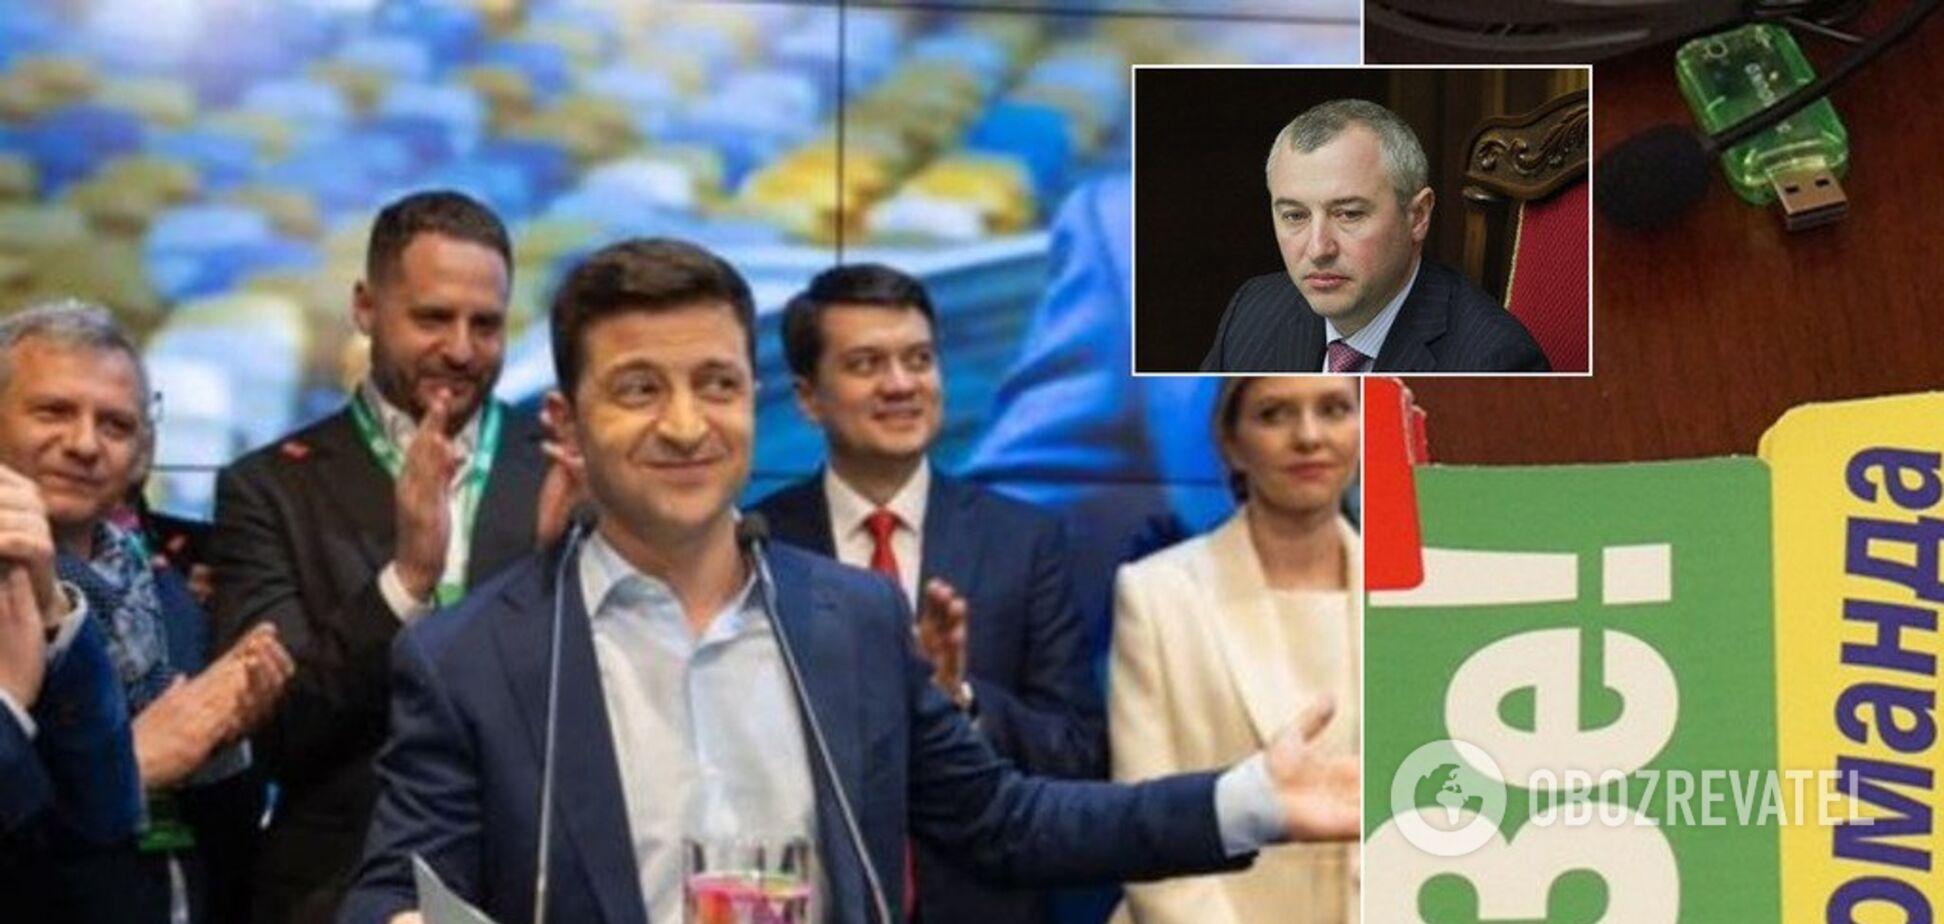 'Король контрабанды' и глава 'Регионов': всплыли скандальные факты о члене команды Зеленского